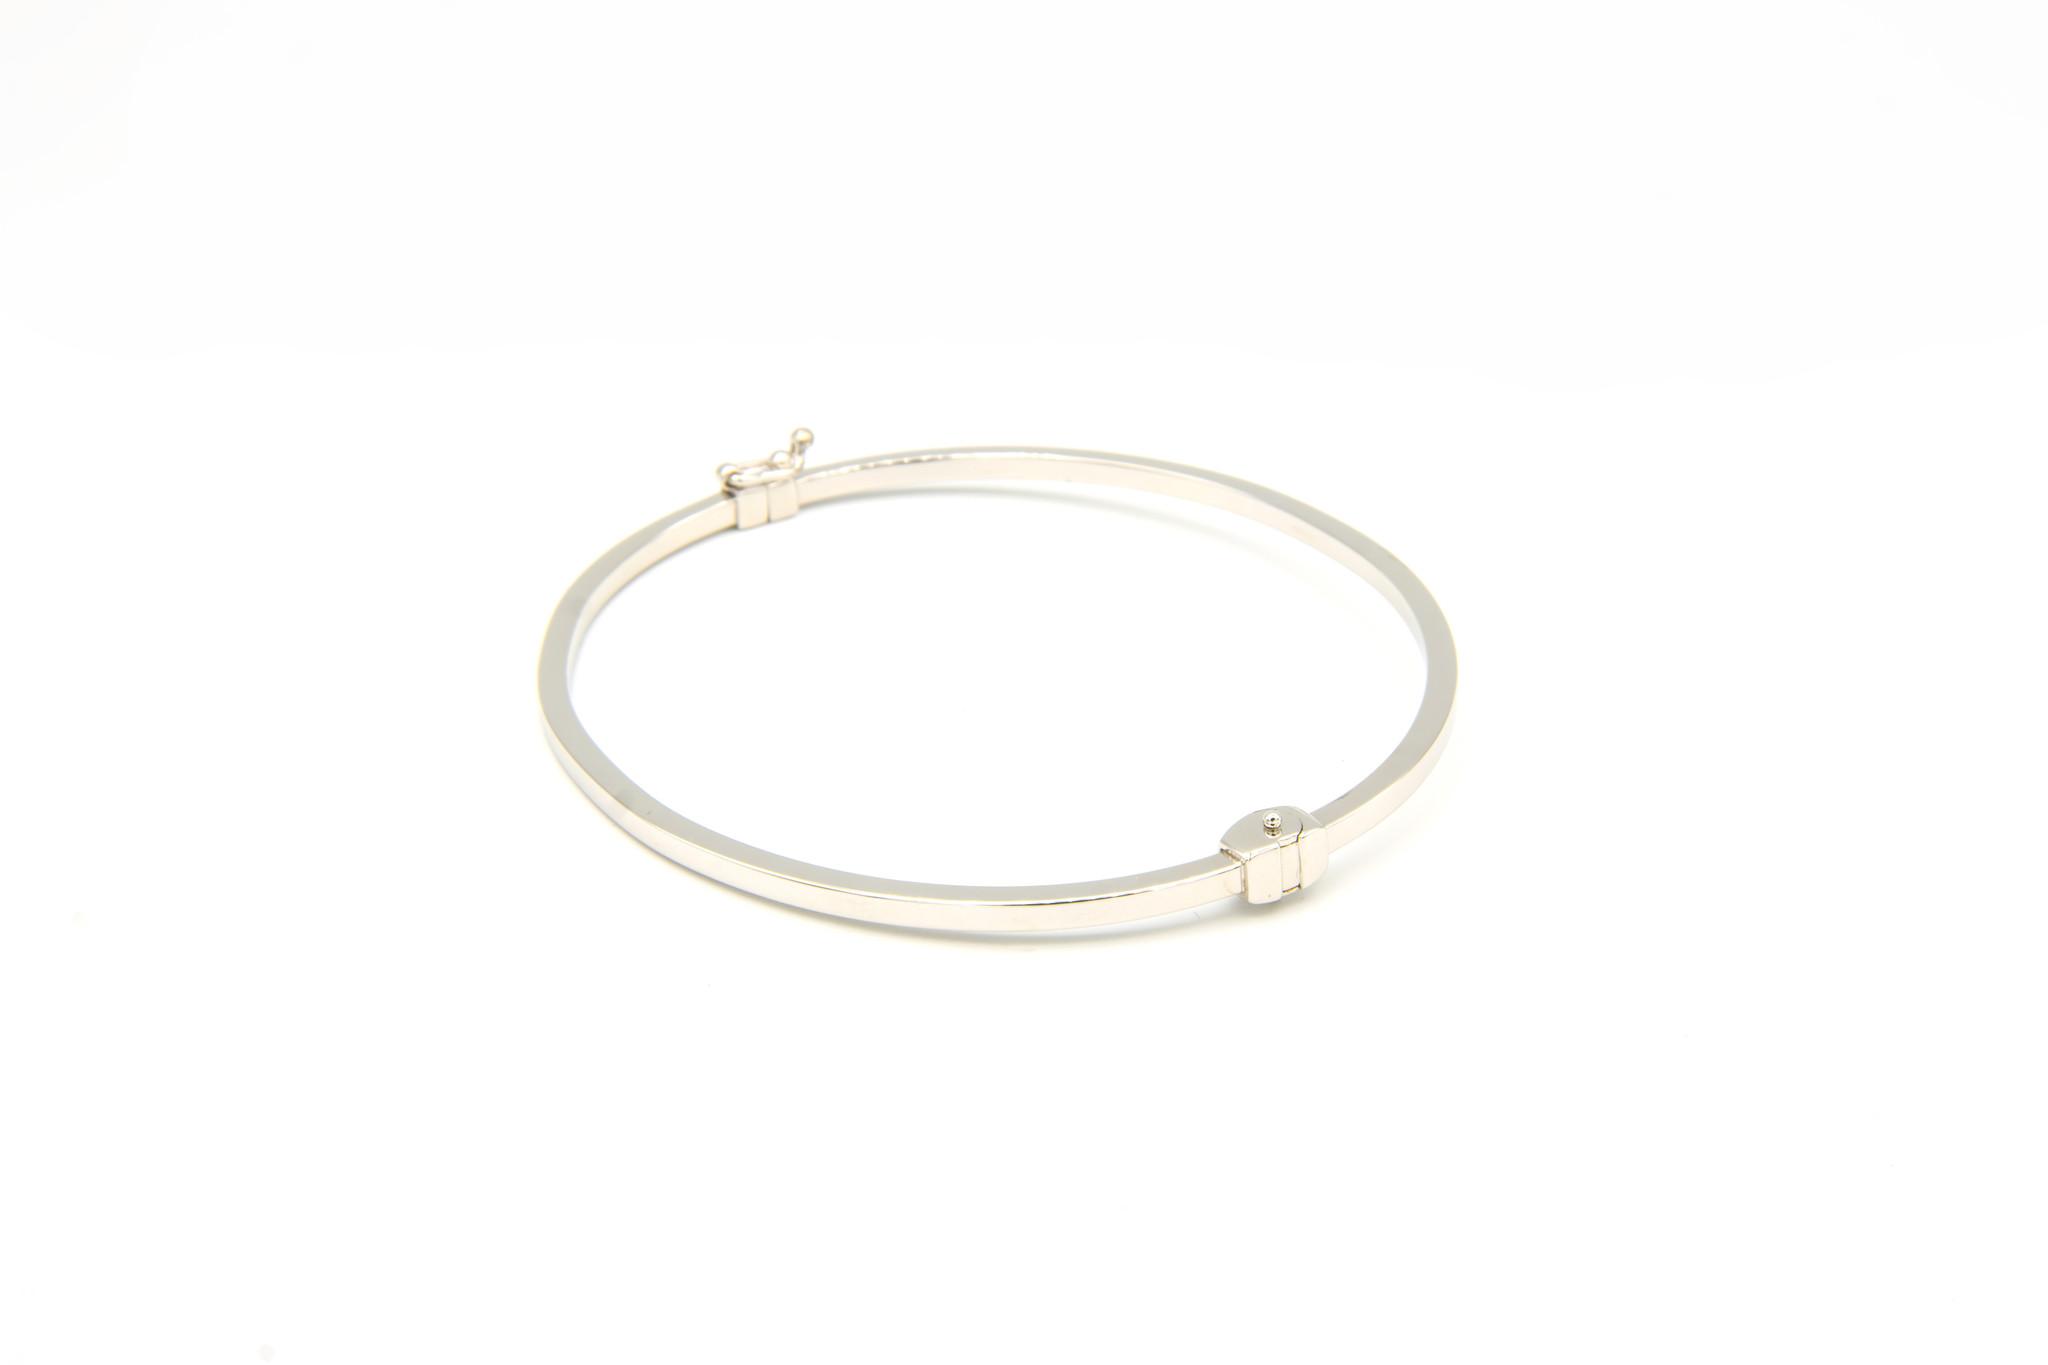 Armband slavenband glad witgoud-6